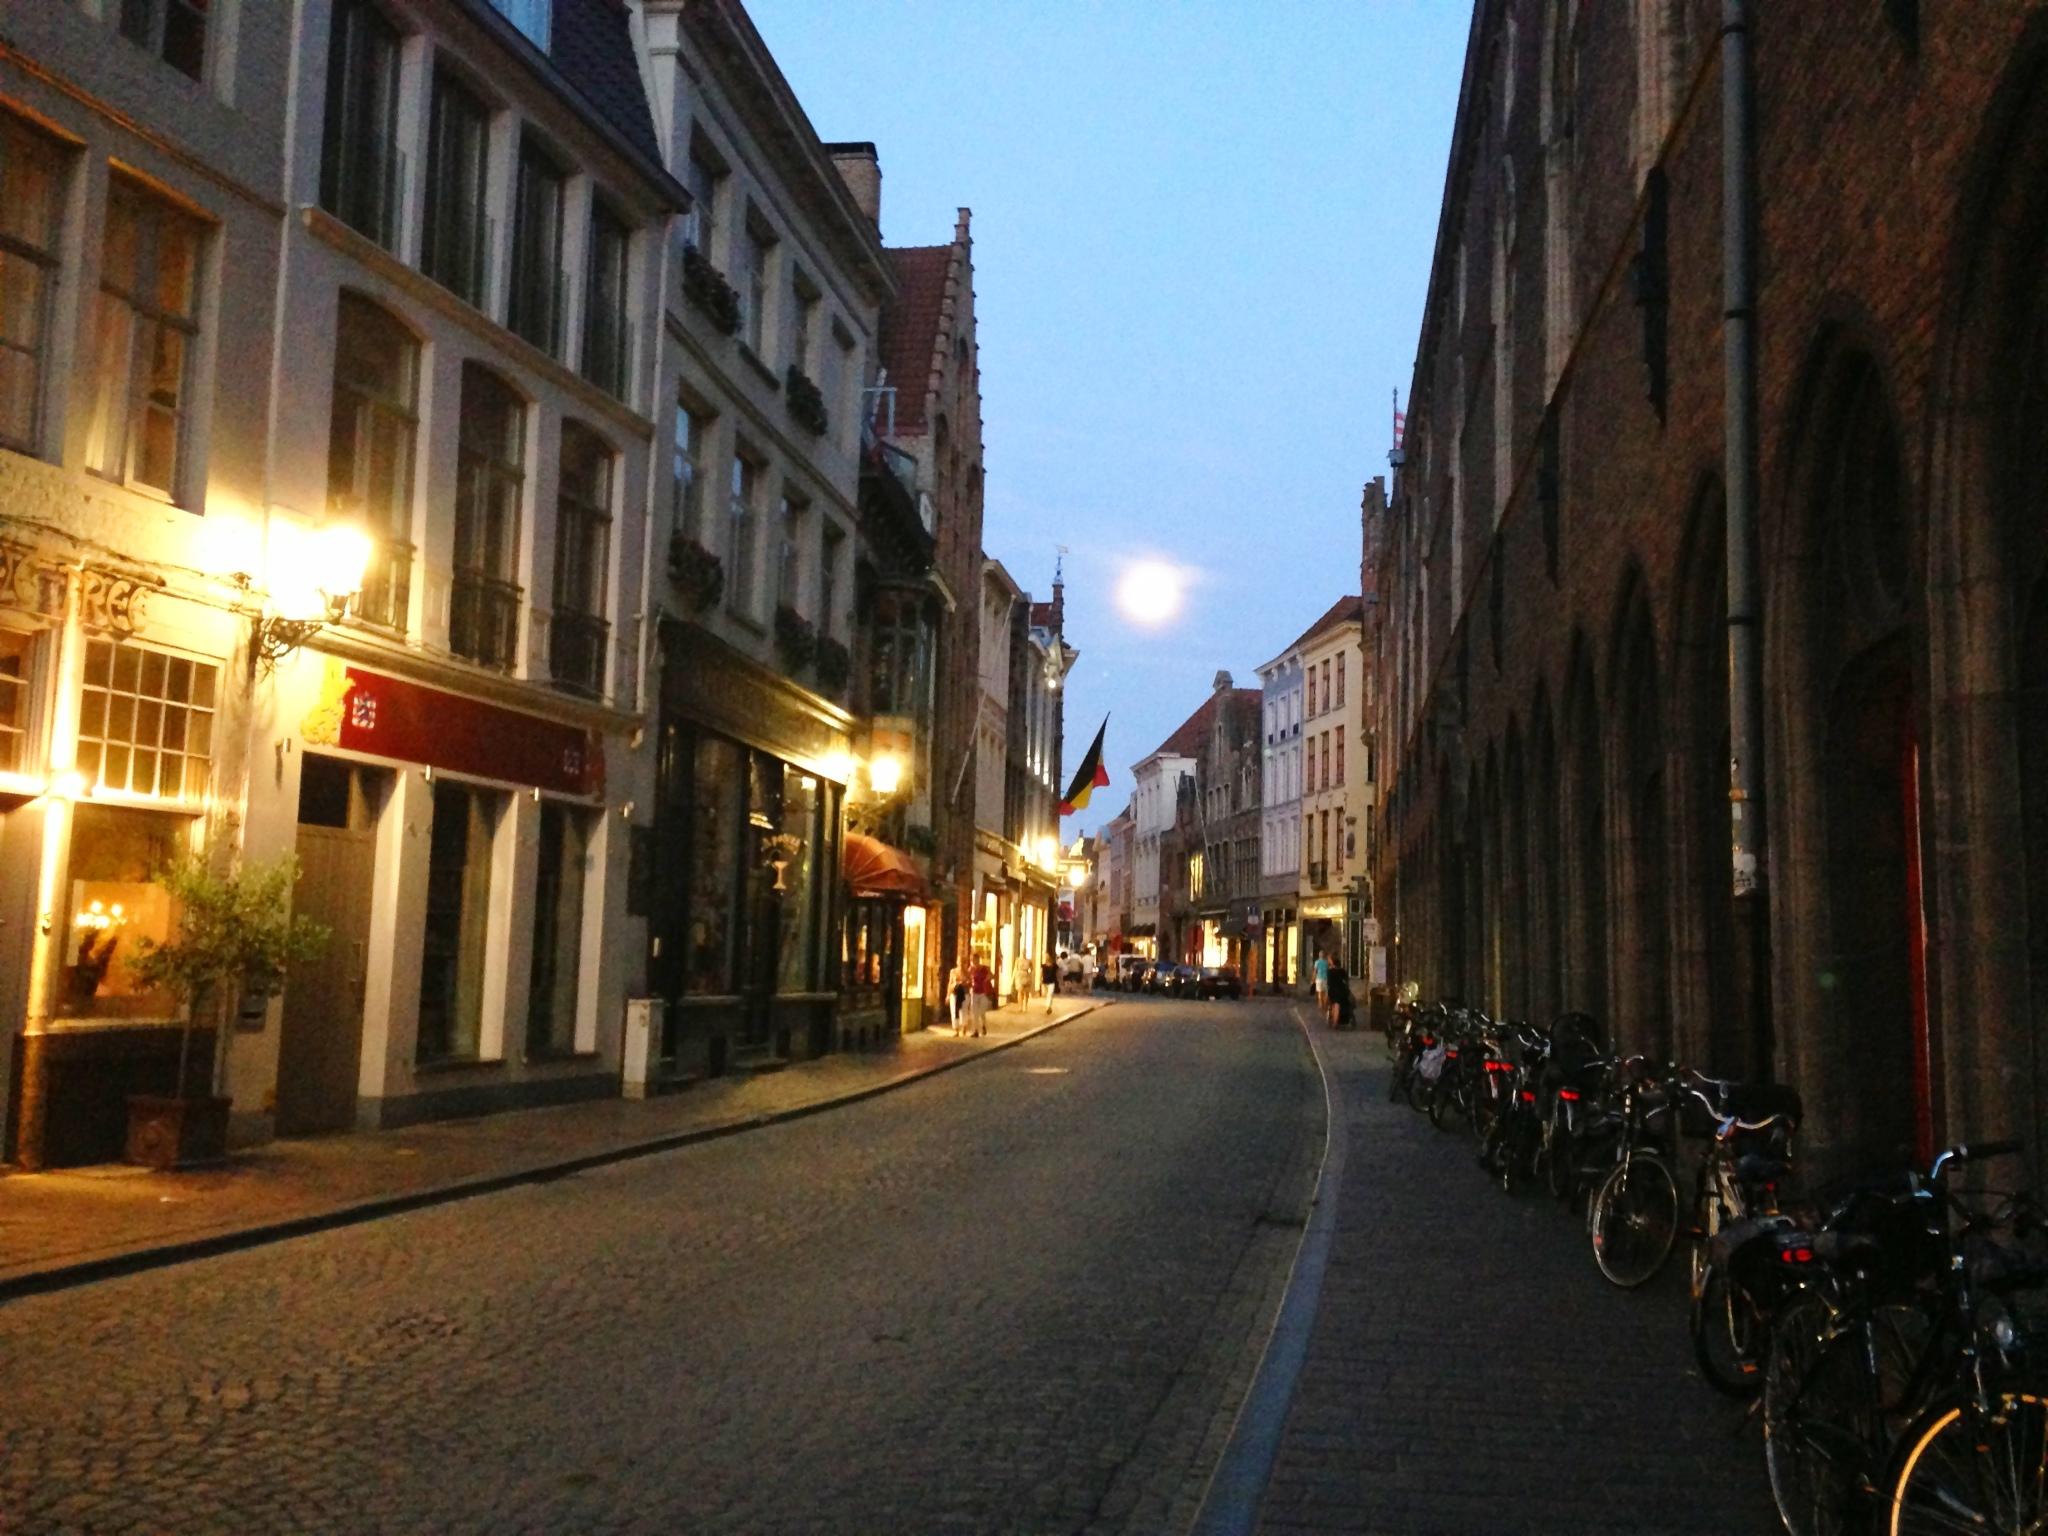 Moonrise in Bruges, Belgium